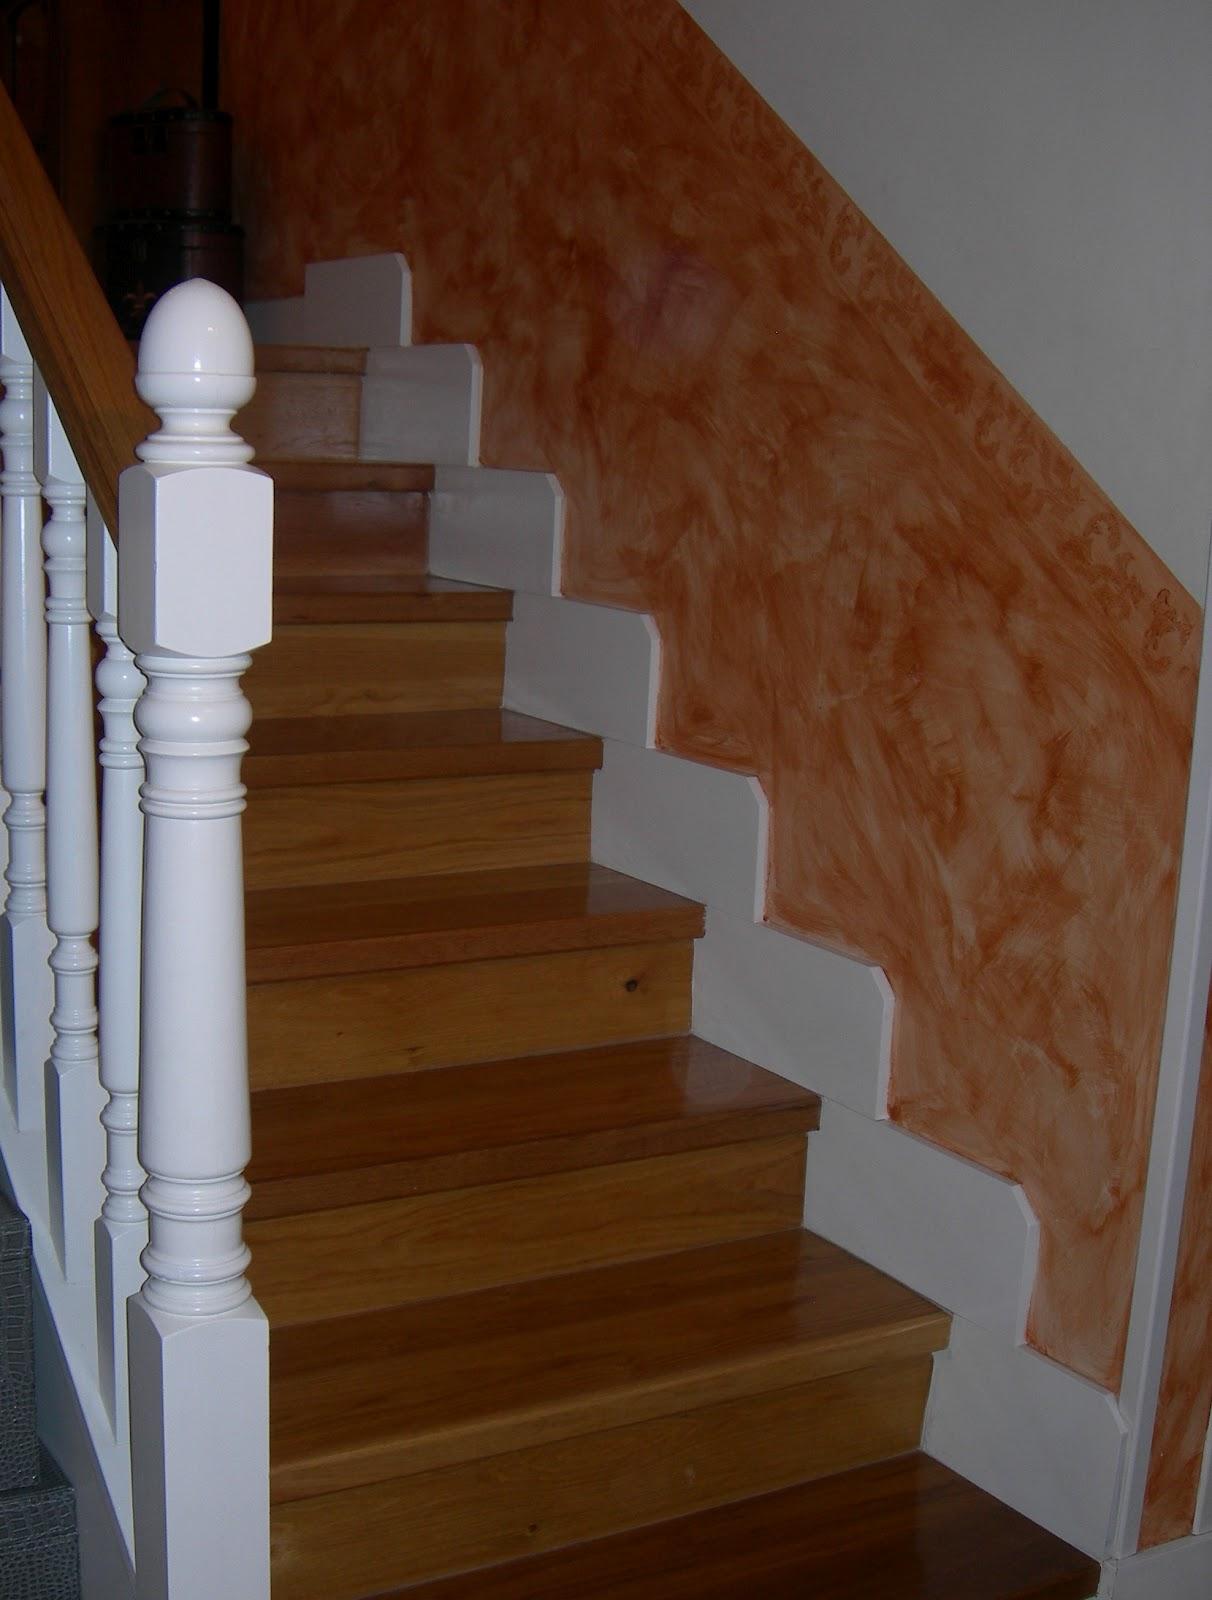 Escaleras a medida carpinter a y restauraci n de muebles - Escaleras a medida ...